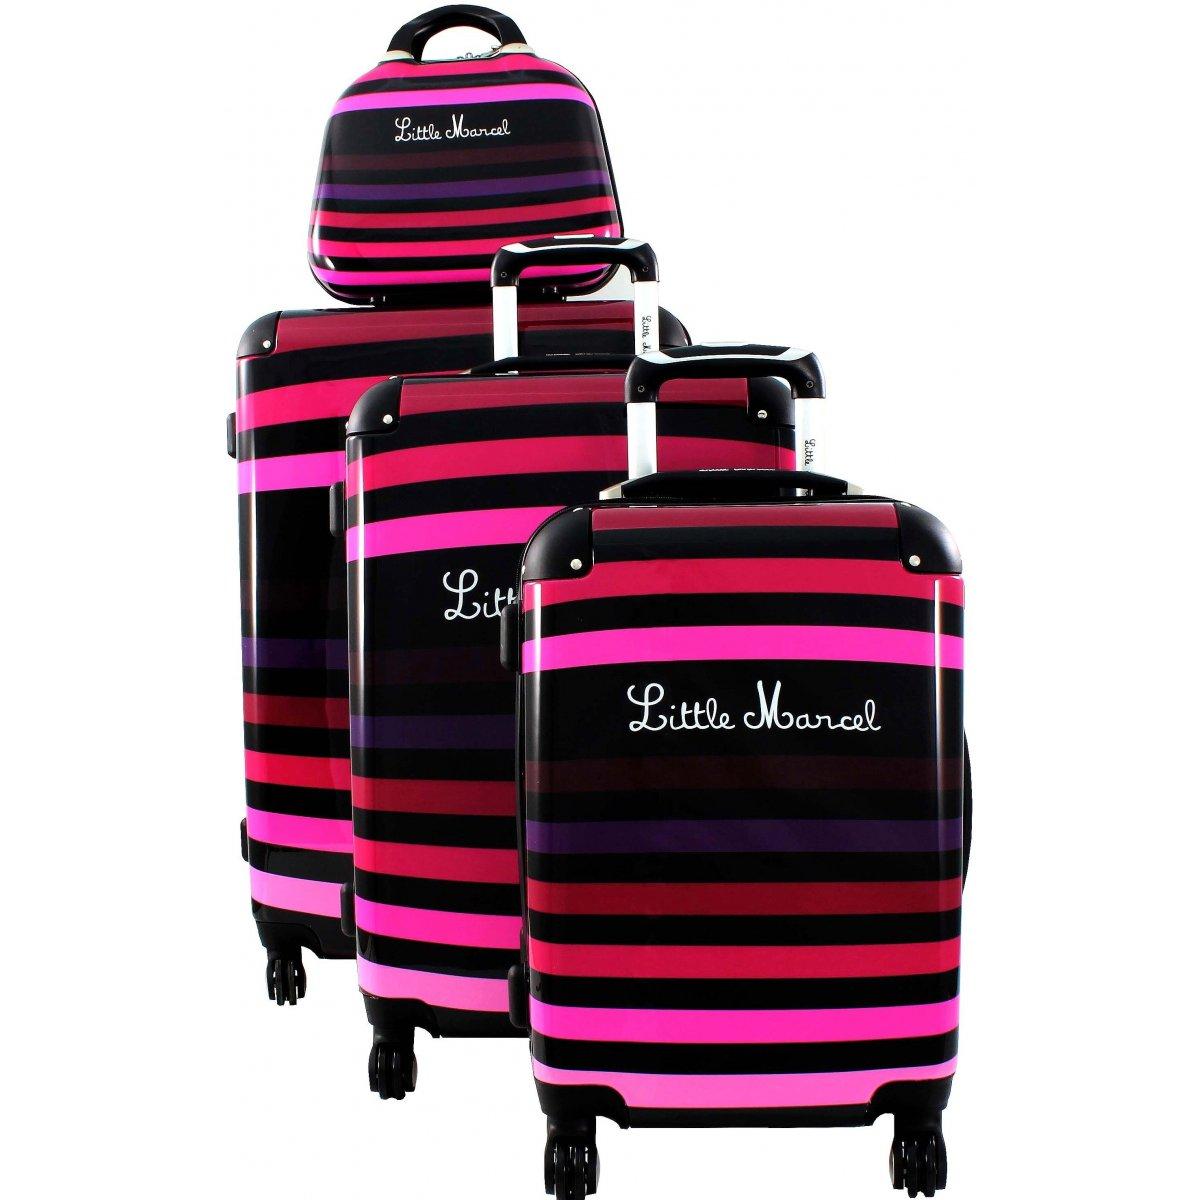 Lot 3 valises 1 vanity little marcel marne50 couleur - Trousse little marcel pas cher ...